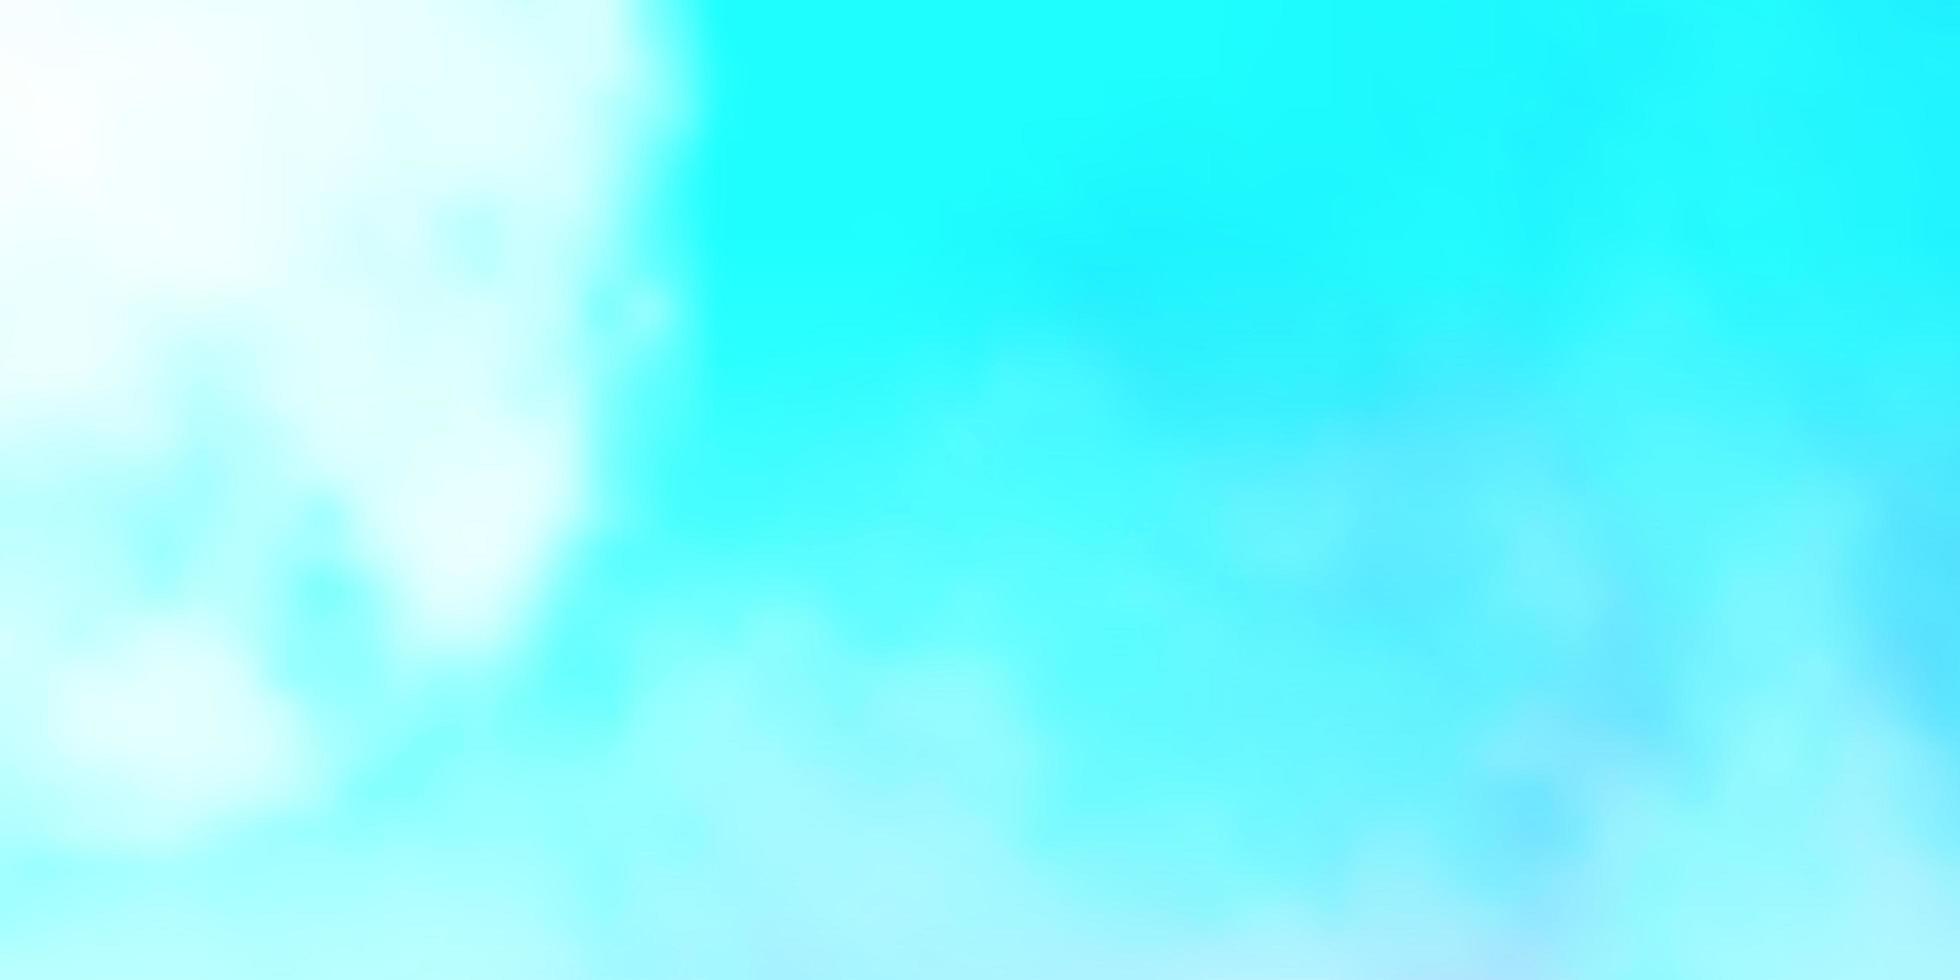 textura vector azul claro com céu nublado.